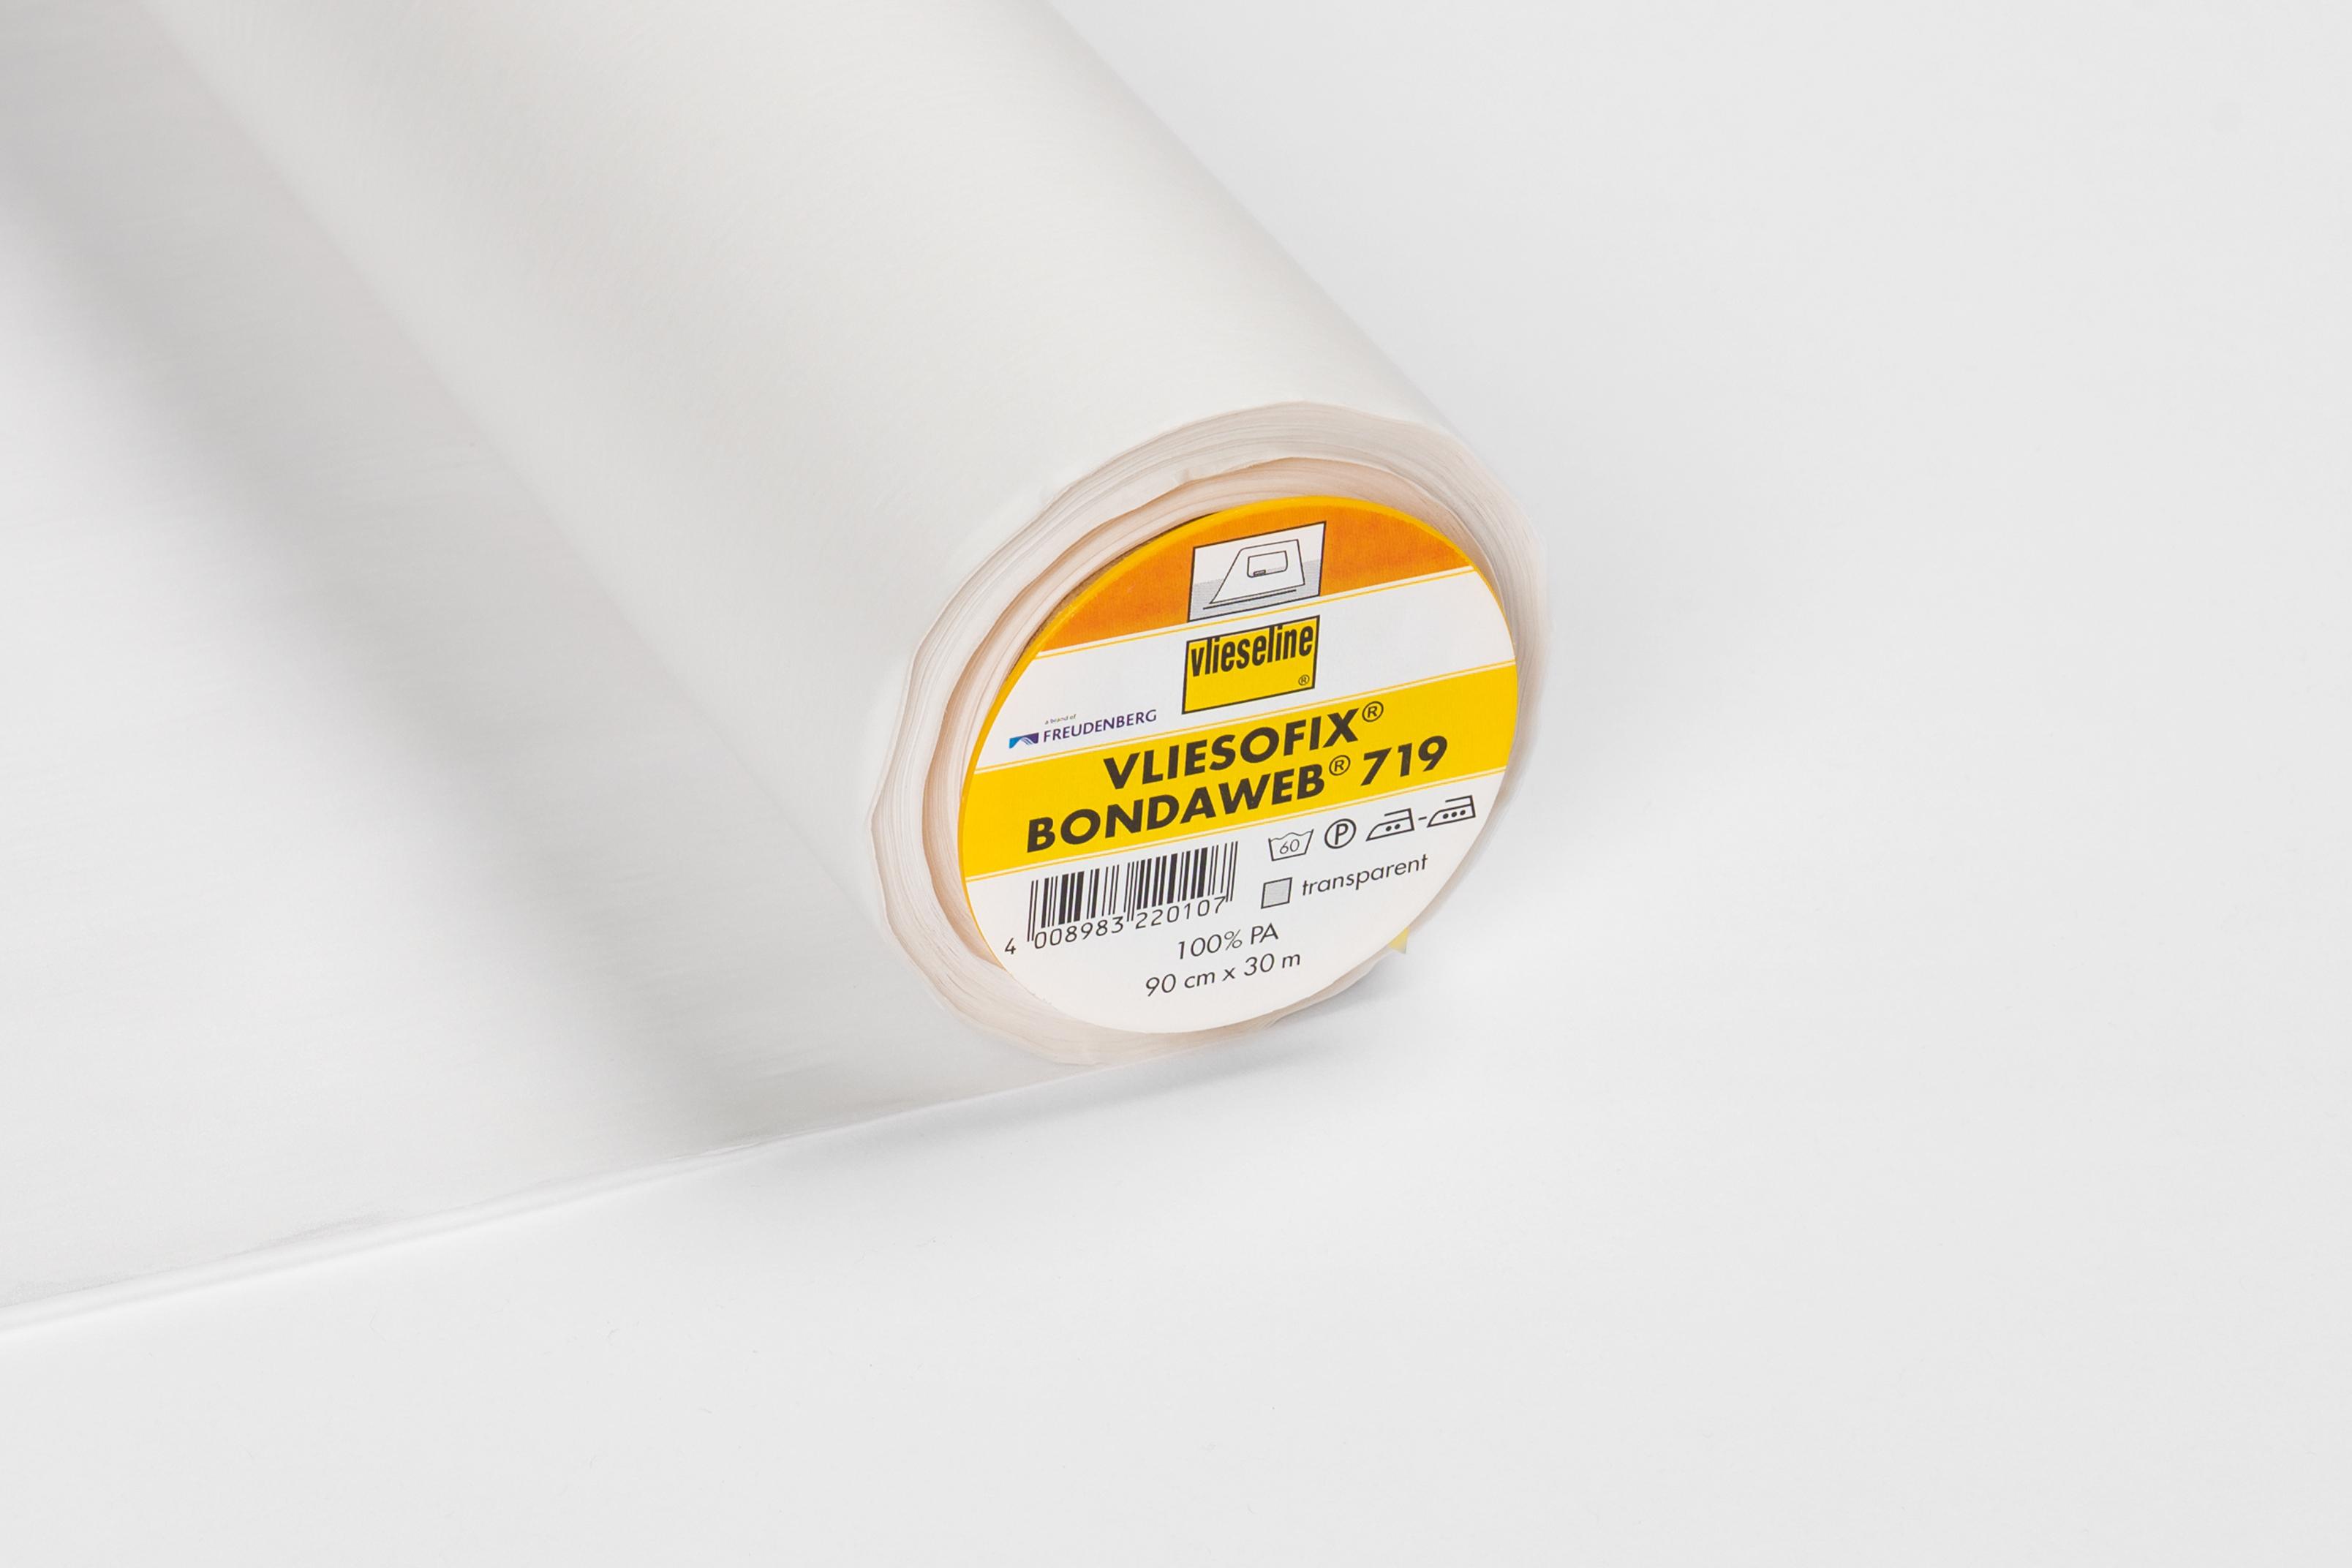 Vliesofixrolle-Ausschnitt